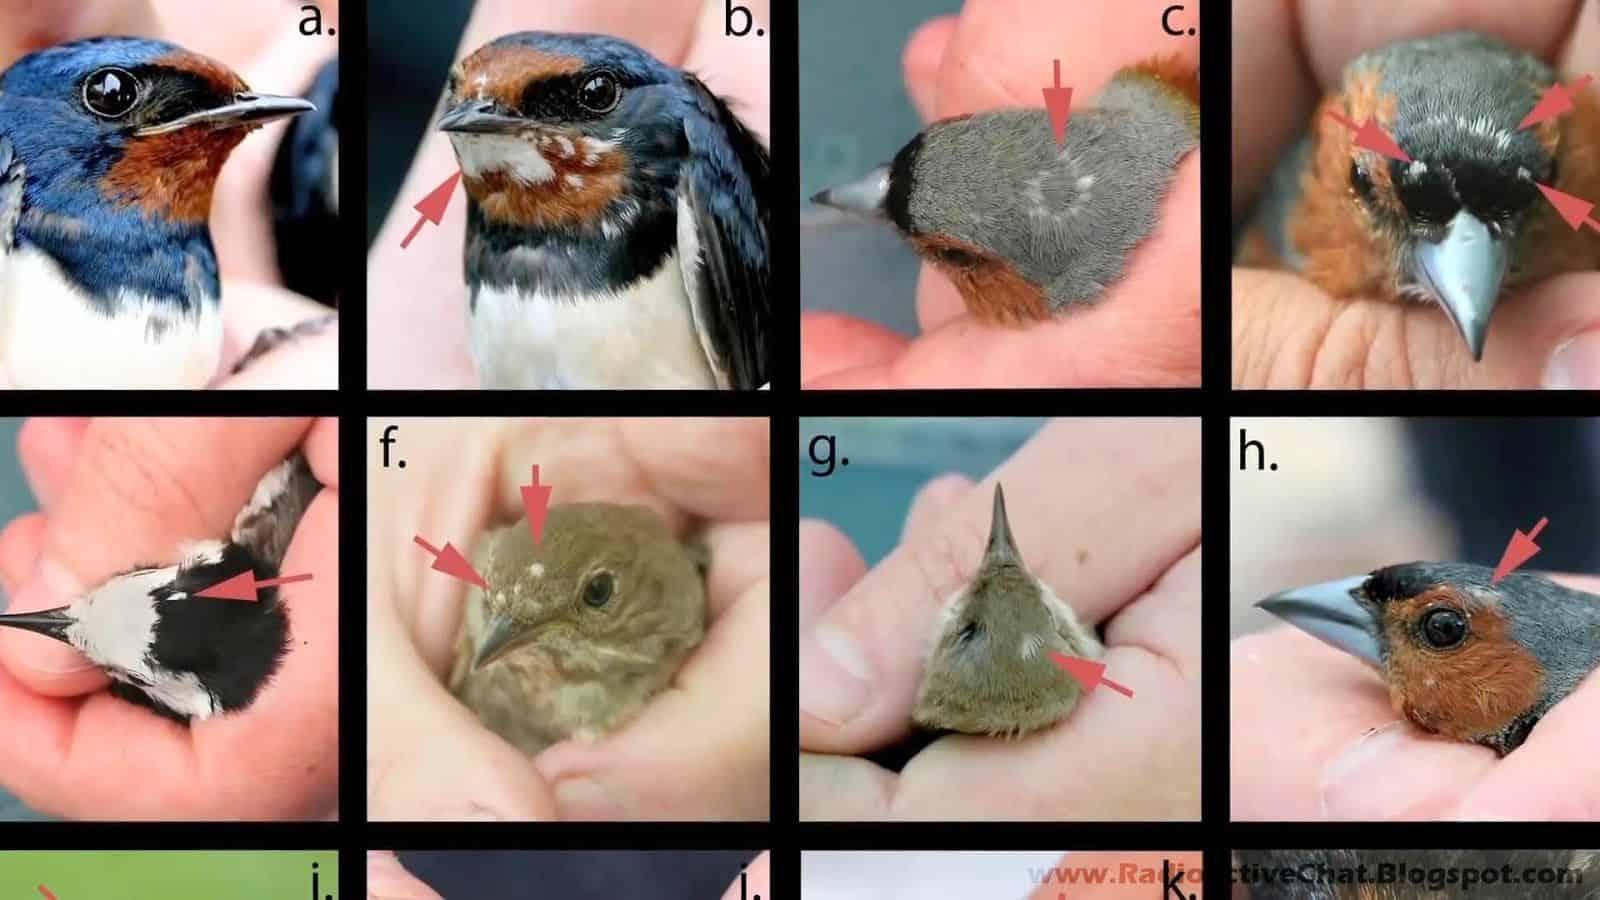 Resultado de imagem para chernobyl birds